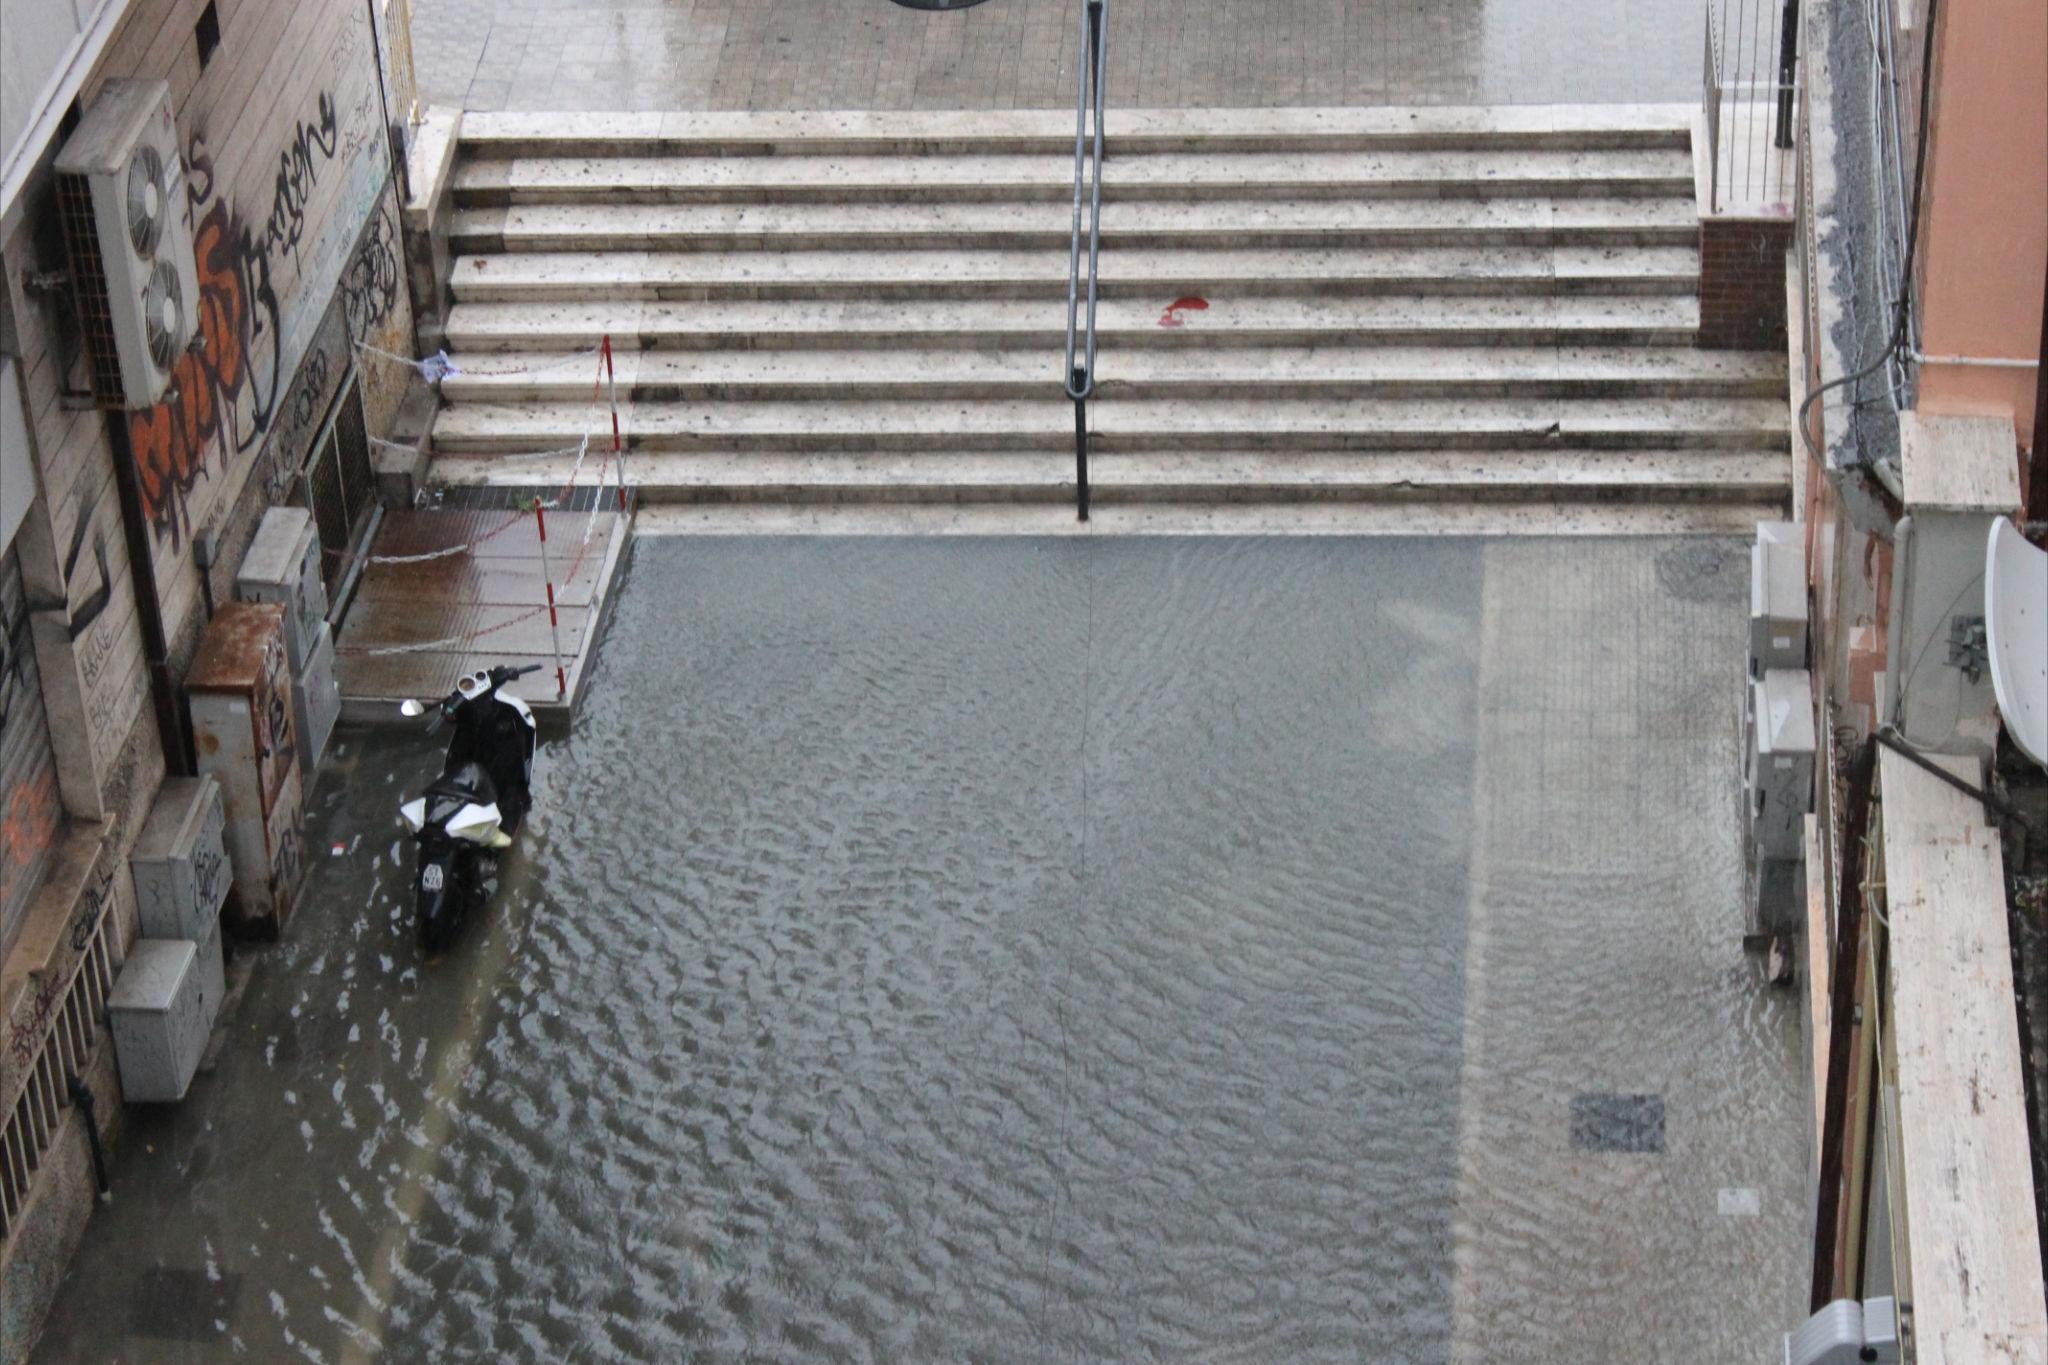 Acqua e allagamenti tra via Calatafimi e la Stazione (Elisa Girormello)